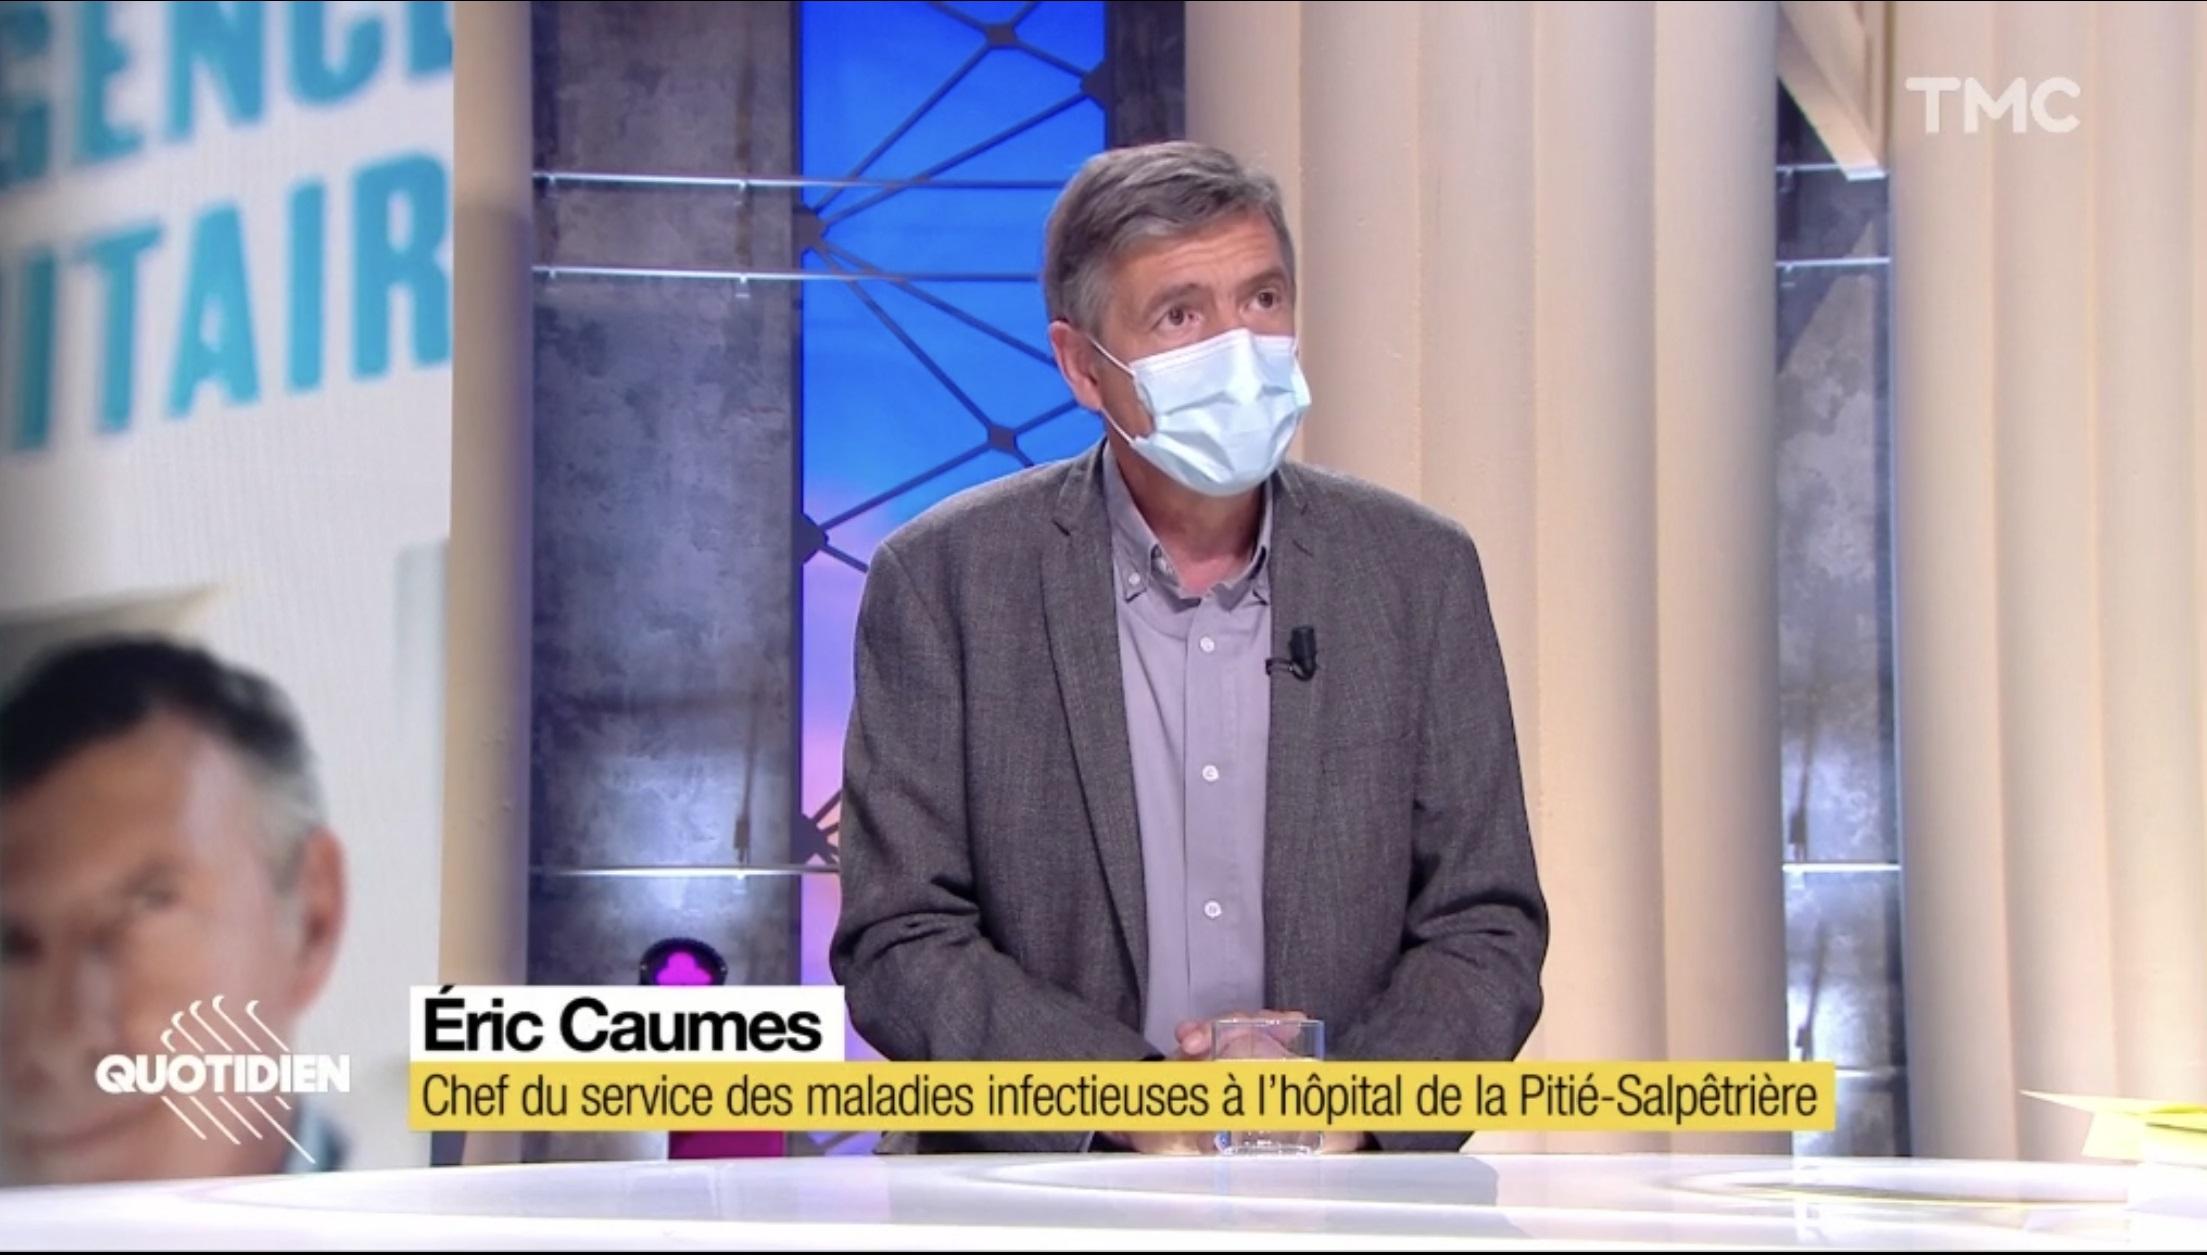 Invité lundi soir de l'émission Quotidien sur TMC, le professeur Eric Caumes, chef du service des maladies infectieuses de l'hôtel de la Pitié Salpêtrière à Paris, n'a pas mâché ses mots. Pour lui, « l'épimédie est hors de contrôle ». Son message : le virus ne concerne pas que les personnes âgées. Pour lui, il faut protéger les personnes atteintes d'obésité.